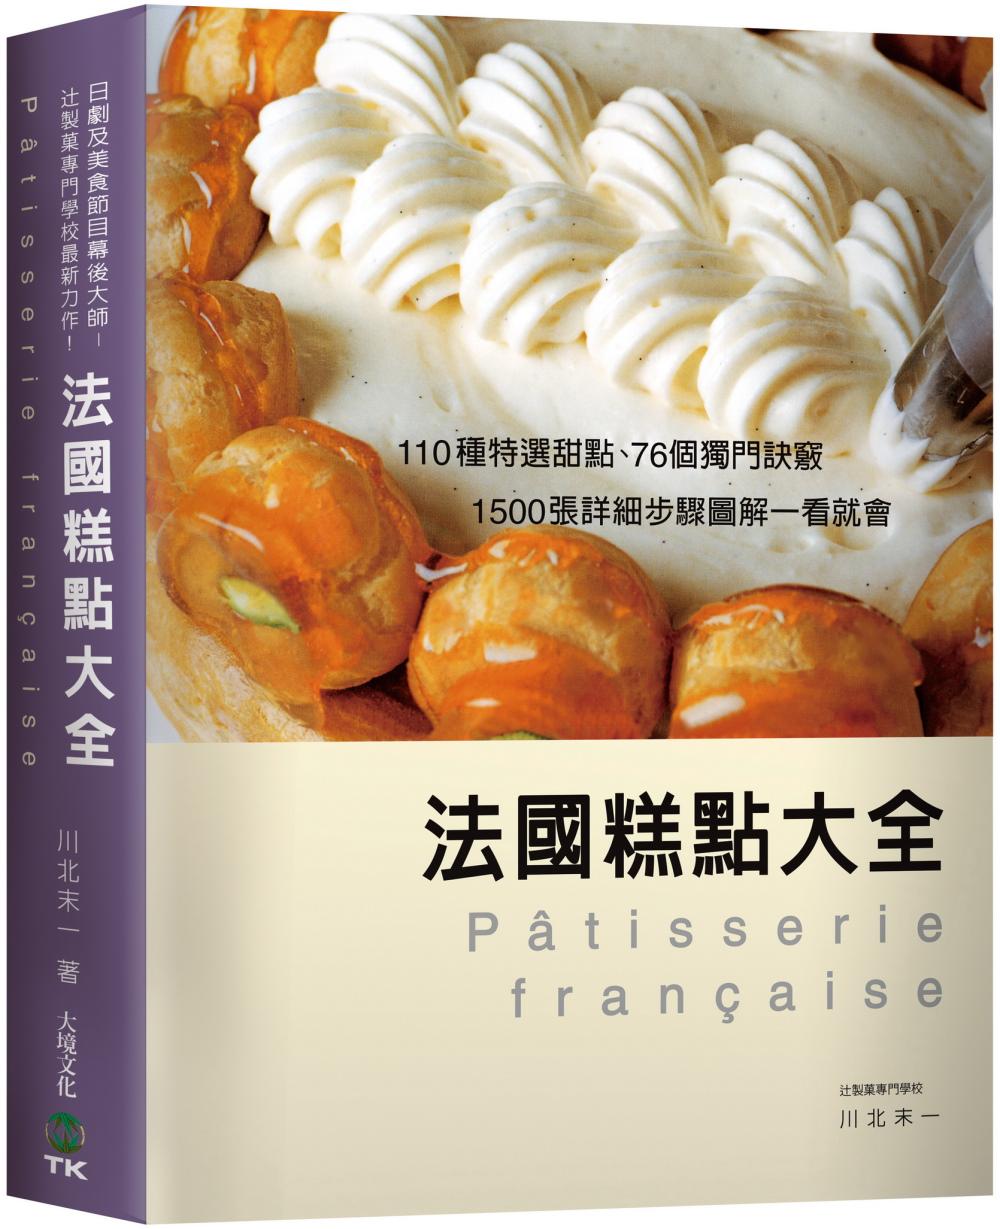 法國糕點大全:110種特選甜點、76個獨門訣竅,1500張詳細步驟圖解一看就會!